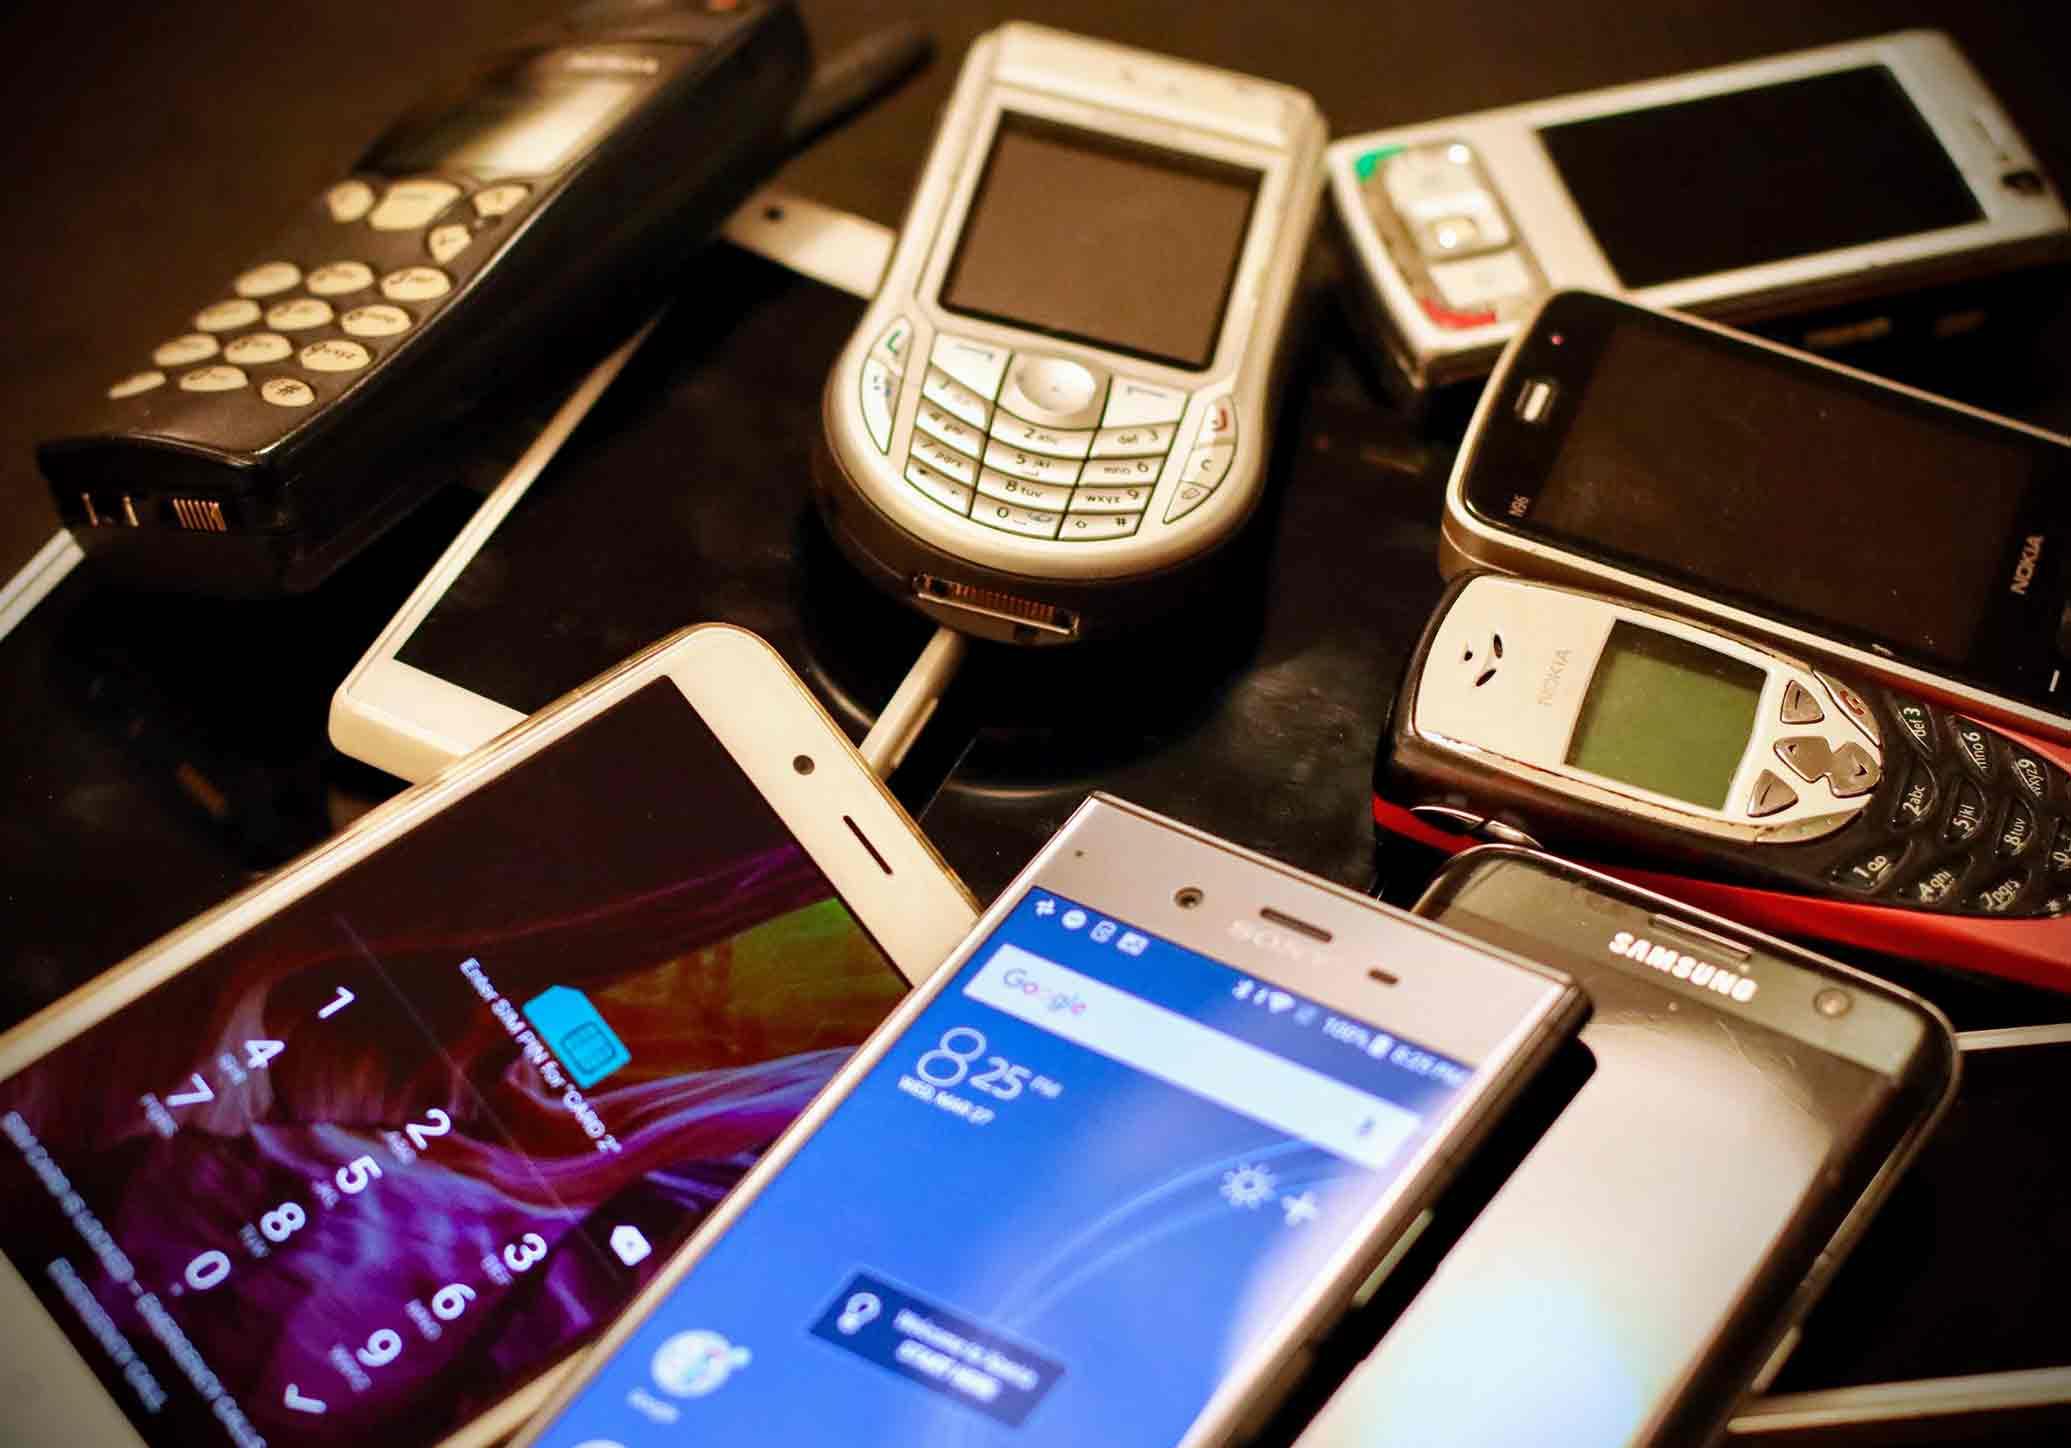 Quanto valem os teus telemóveis antigos?